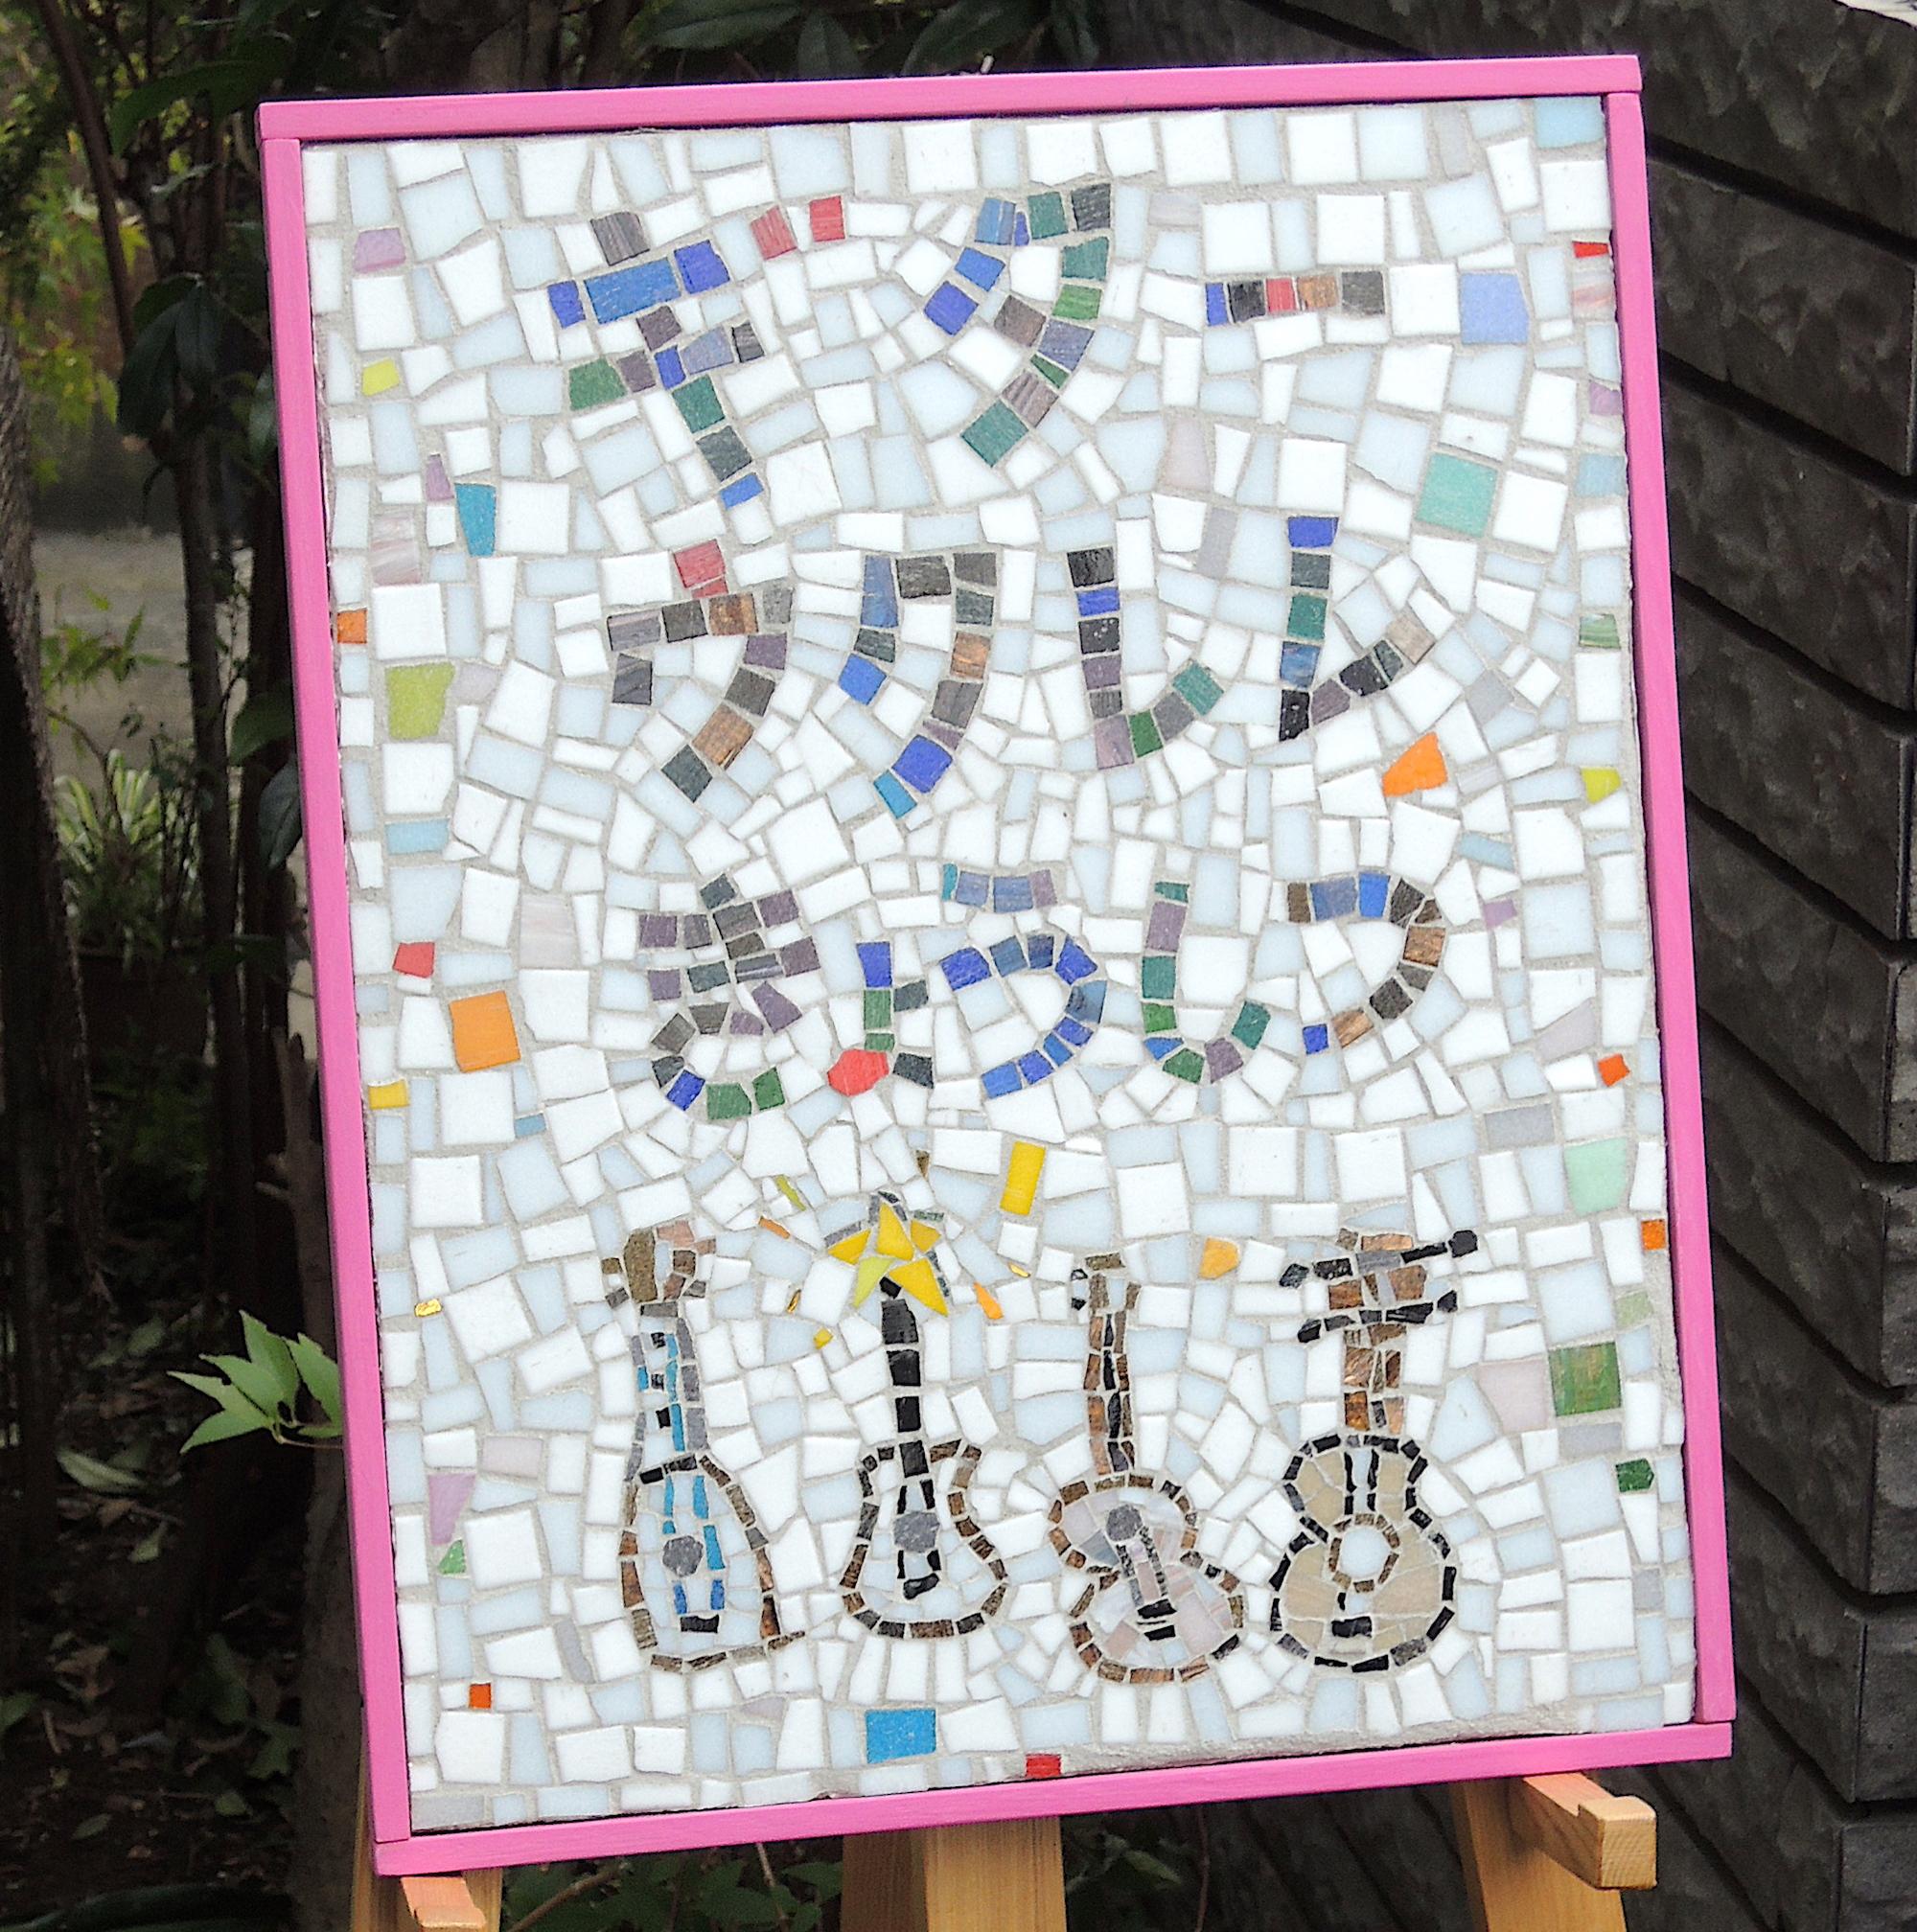 ギター教室看板は子どもの絵から